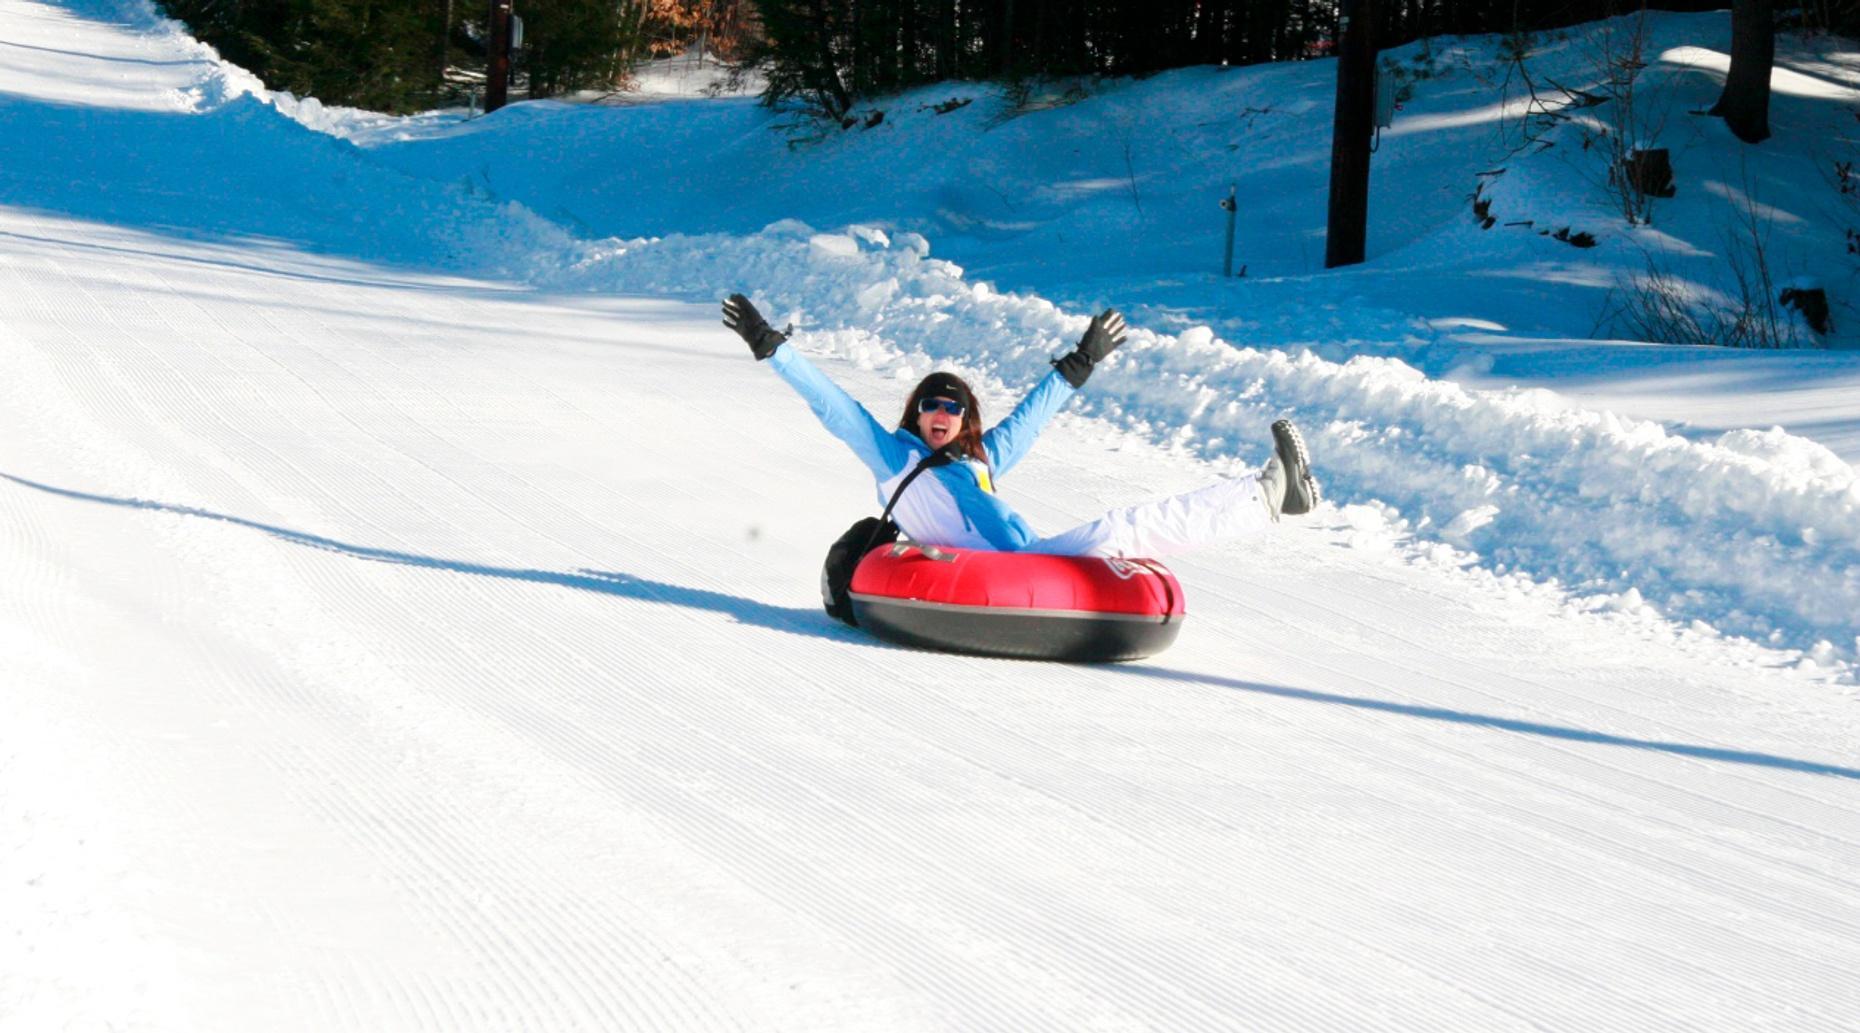 Snowflex Park Tubing Adventure